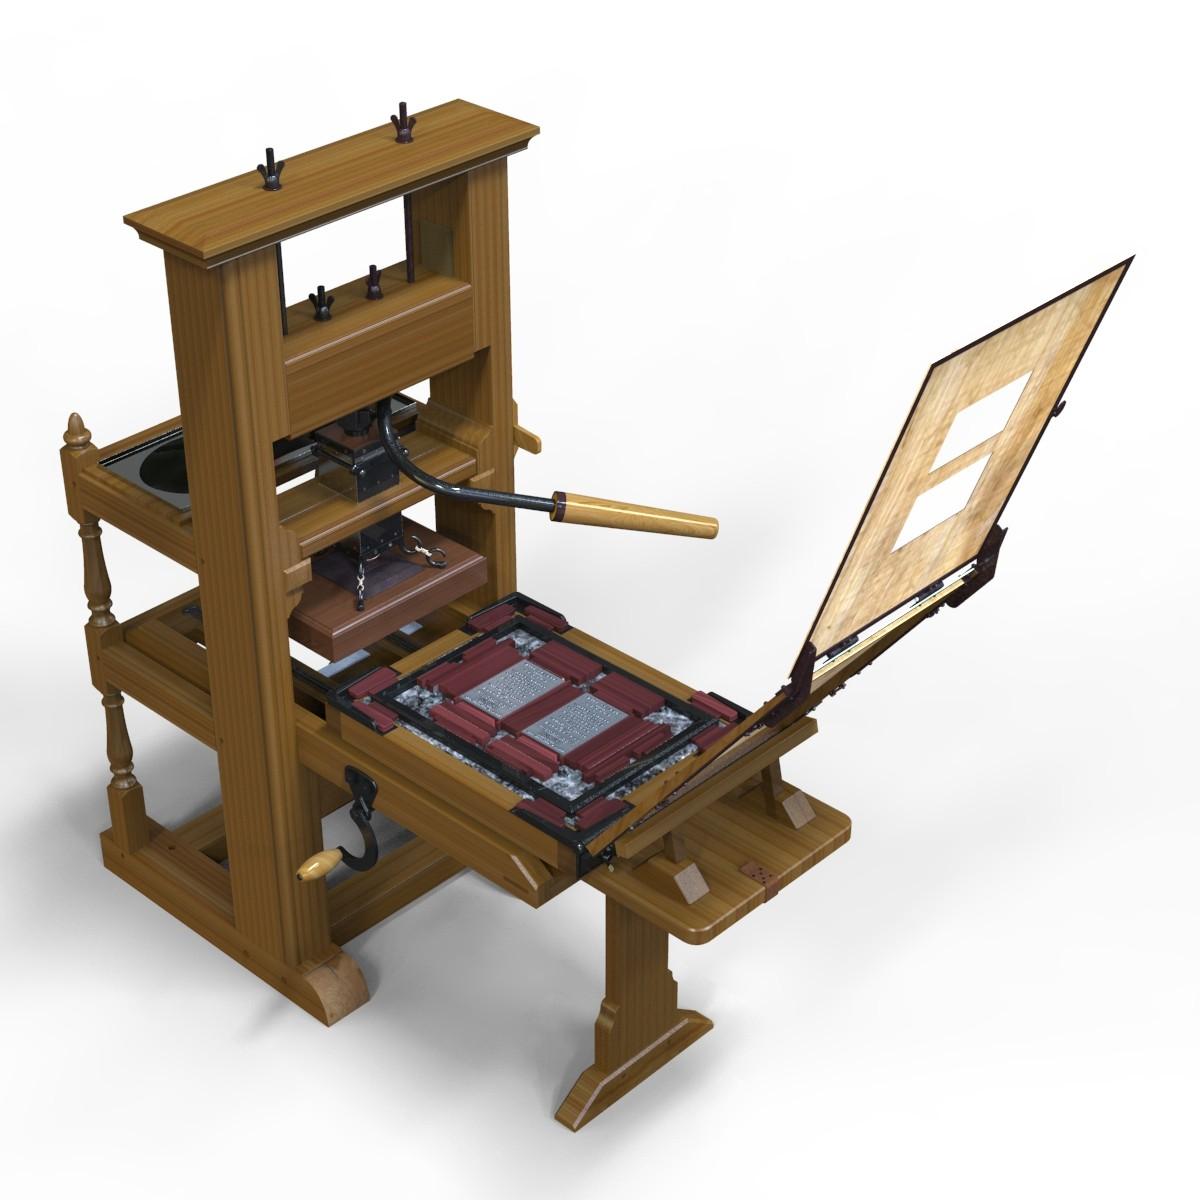 Franklin Printing Press Jamin 3d Model